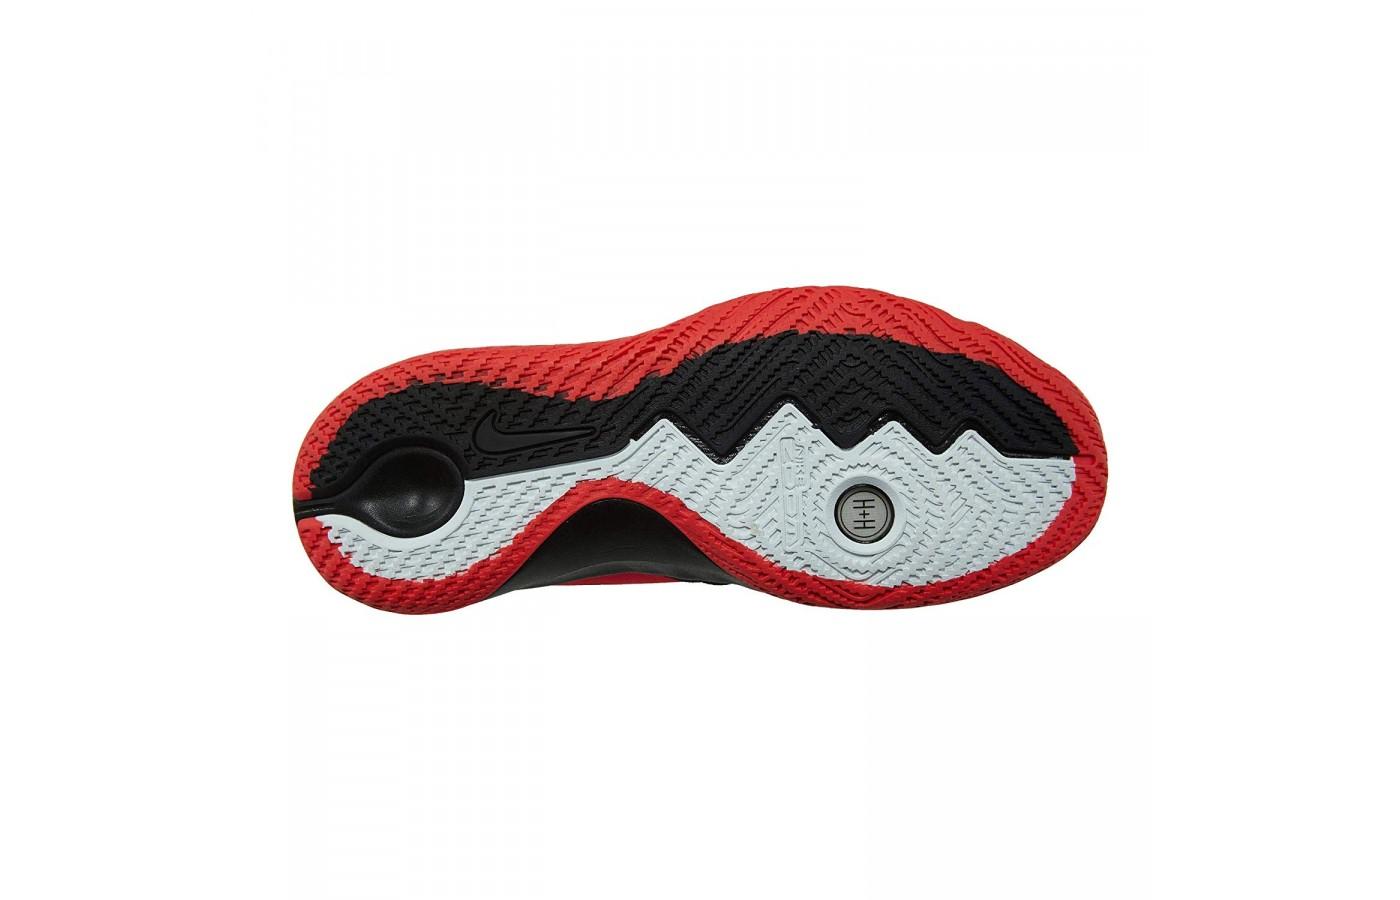 Nike Kyrie Flytrap Sole